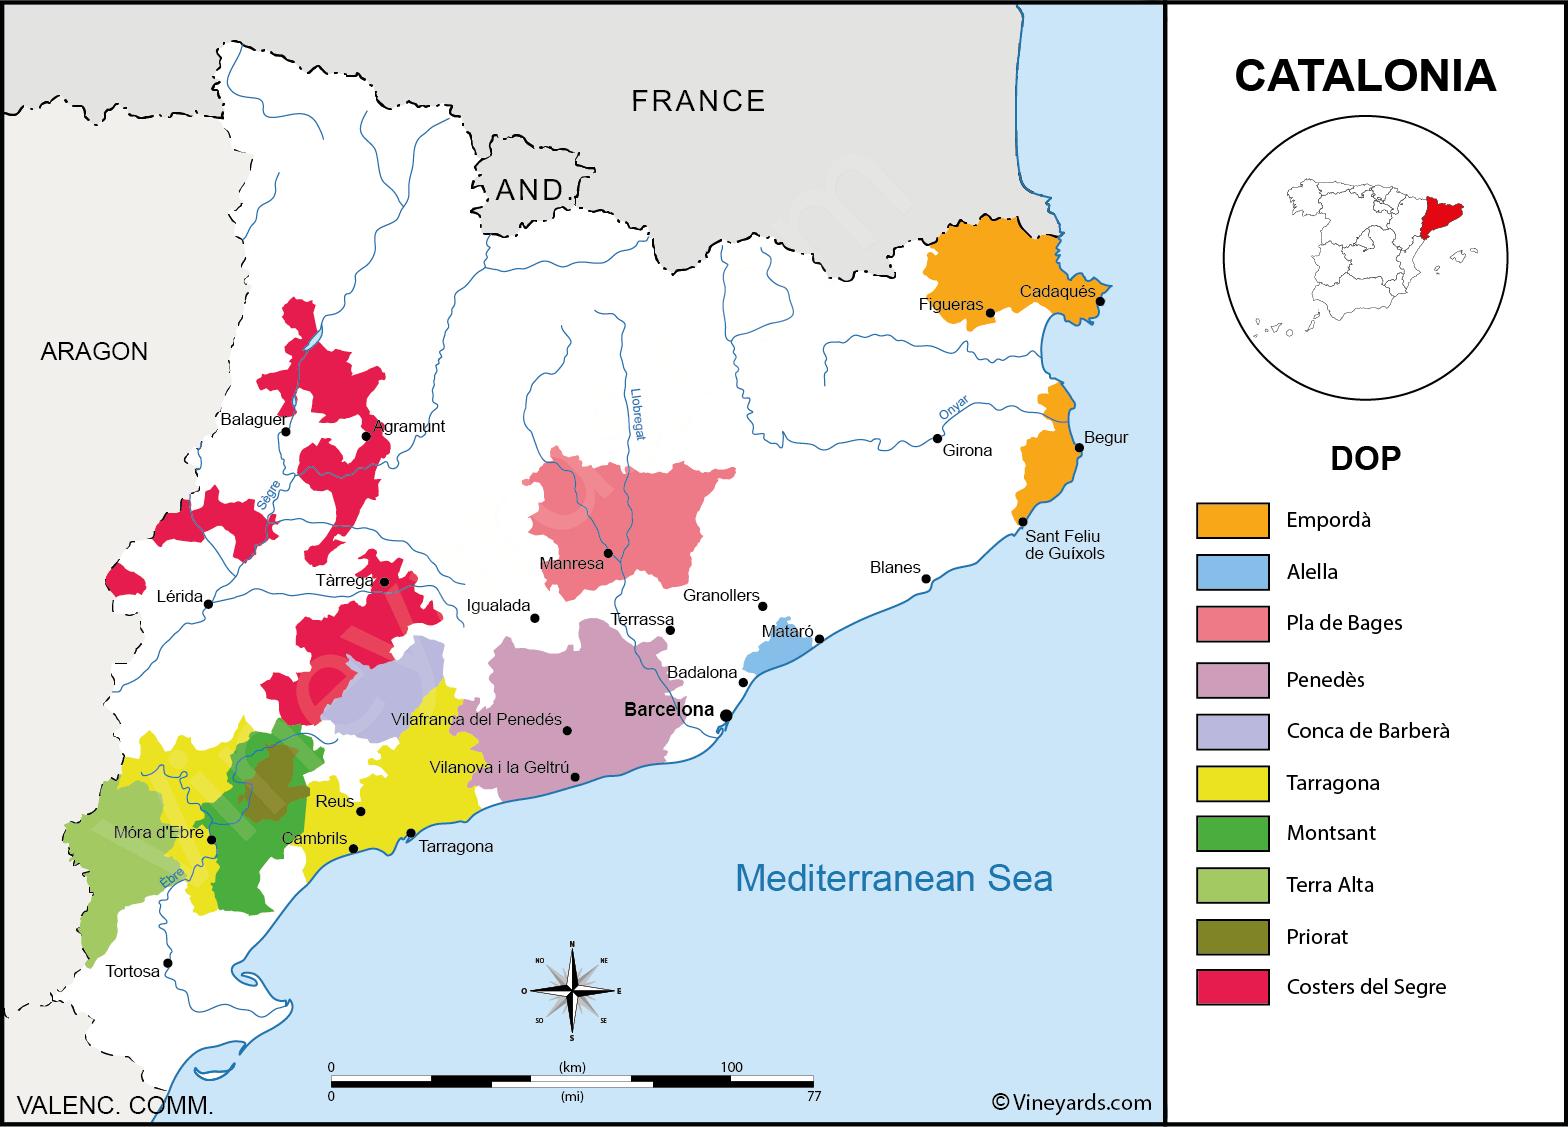 карта винодельческих регионов Каталонии